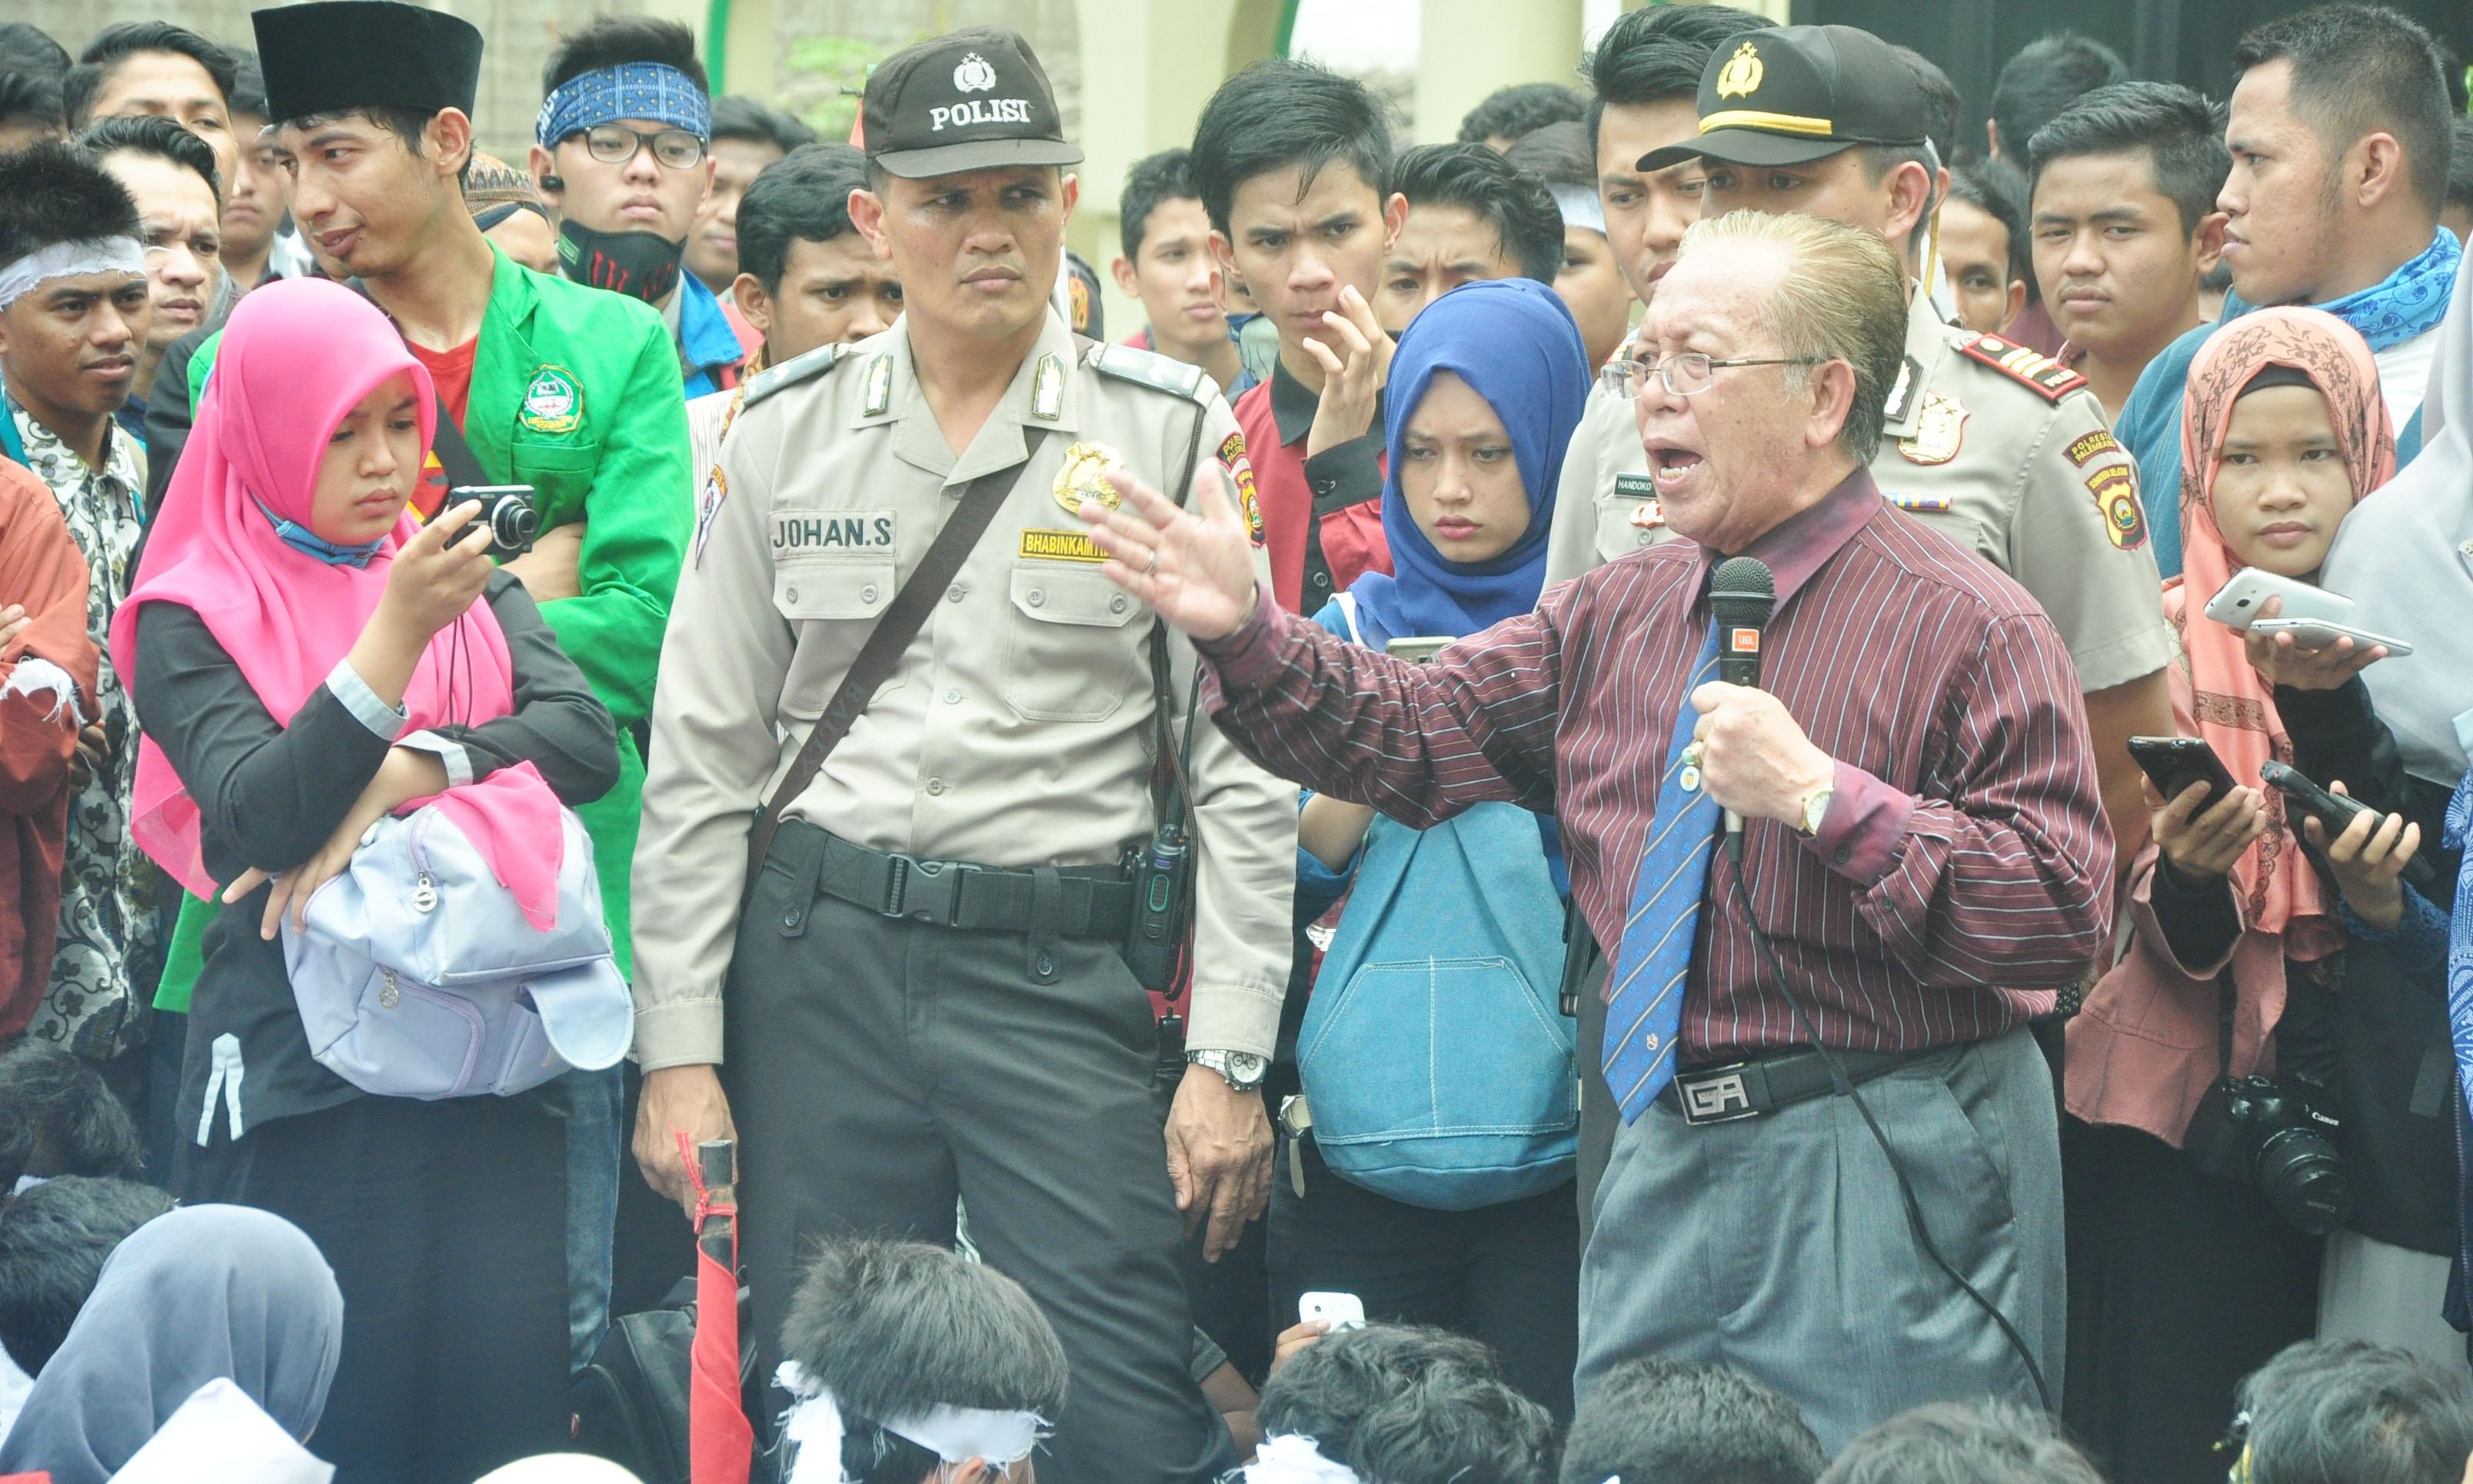 Foto : Agung Rektor UIN Raden Fatah Palembang, Aflatun Muchtar menenggapi tuntutan atas demo yang dilakukan mahasiswanya. Rabu (28/10/2015). Bertempat di halaman rektorat kampus hijau UIN Raden Fatah Palembang.